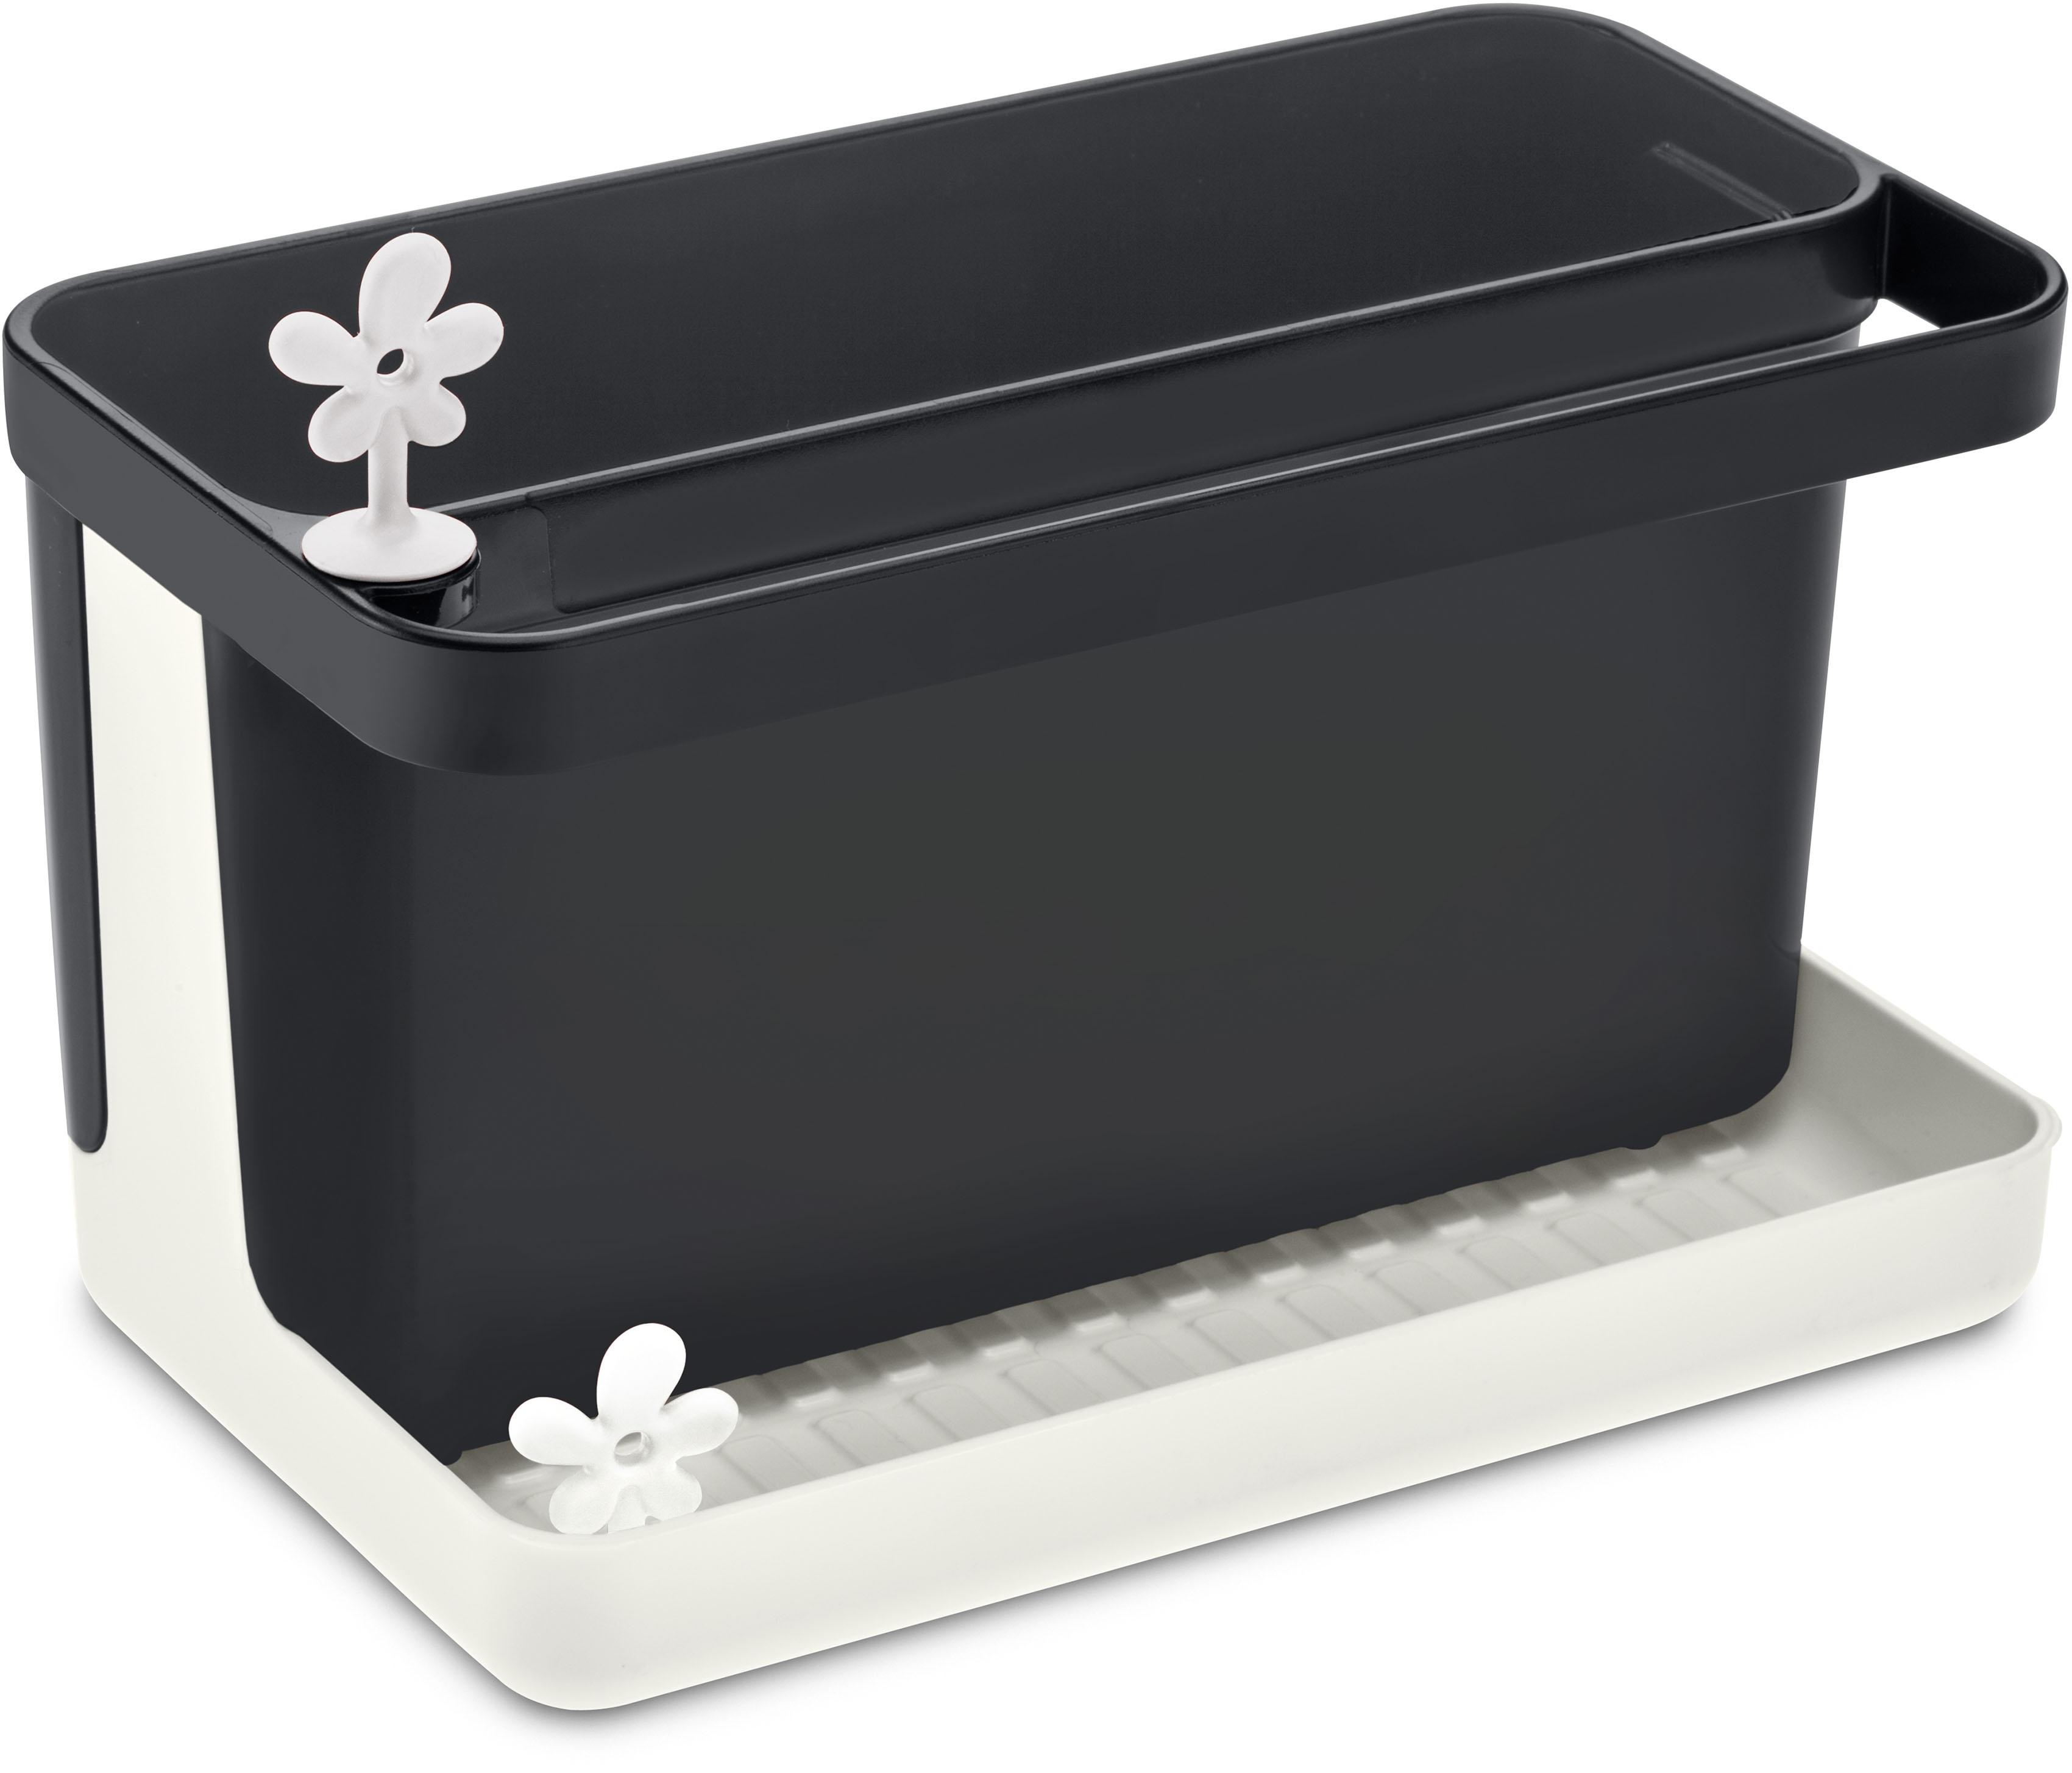 KOZIOL Geschirrständer Spül-Organizer PARK IT, spülmaschinengeeignet schwarz Küchenaccessoires Wohnaccessoires